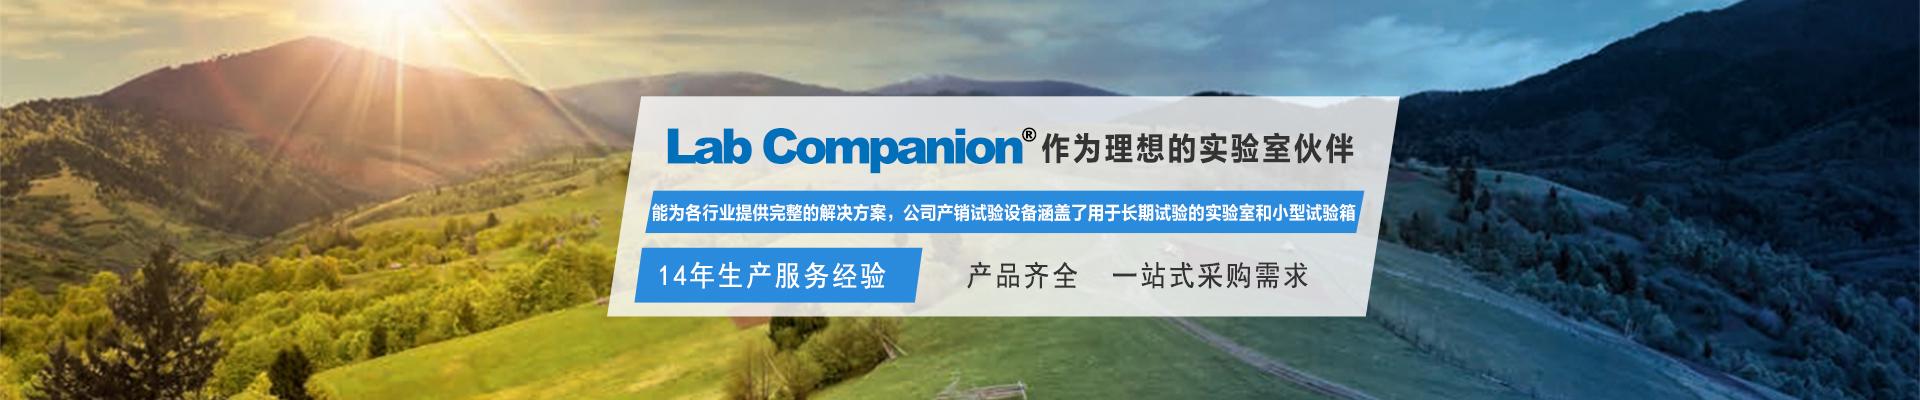 广东宏展科技有限公司